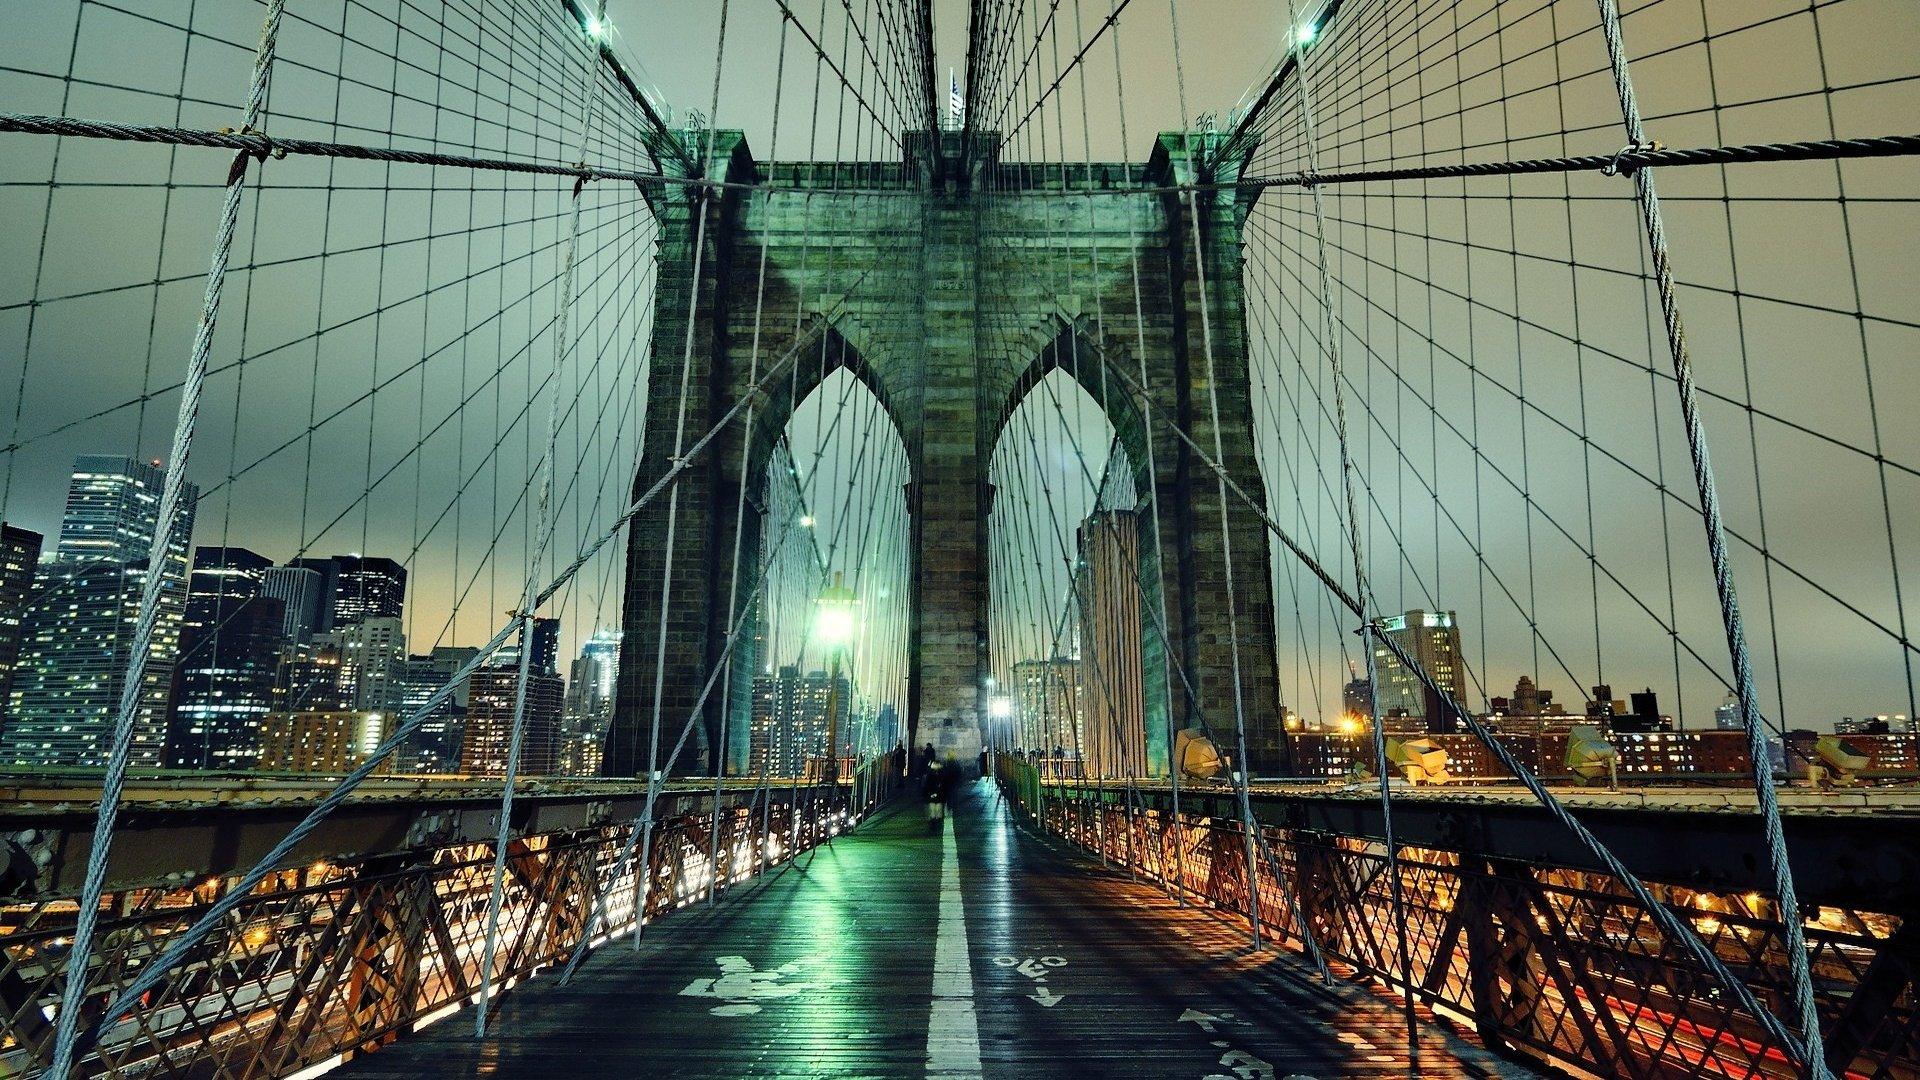 Картинка с мостами, днем